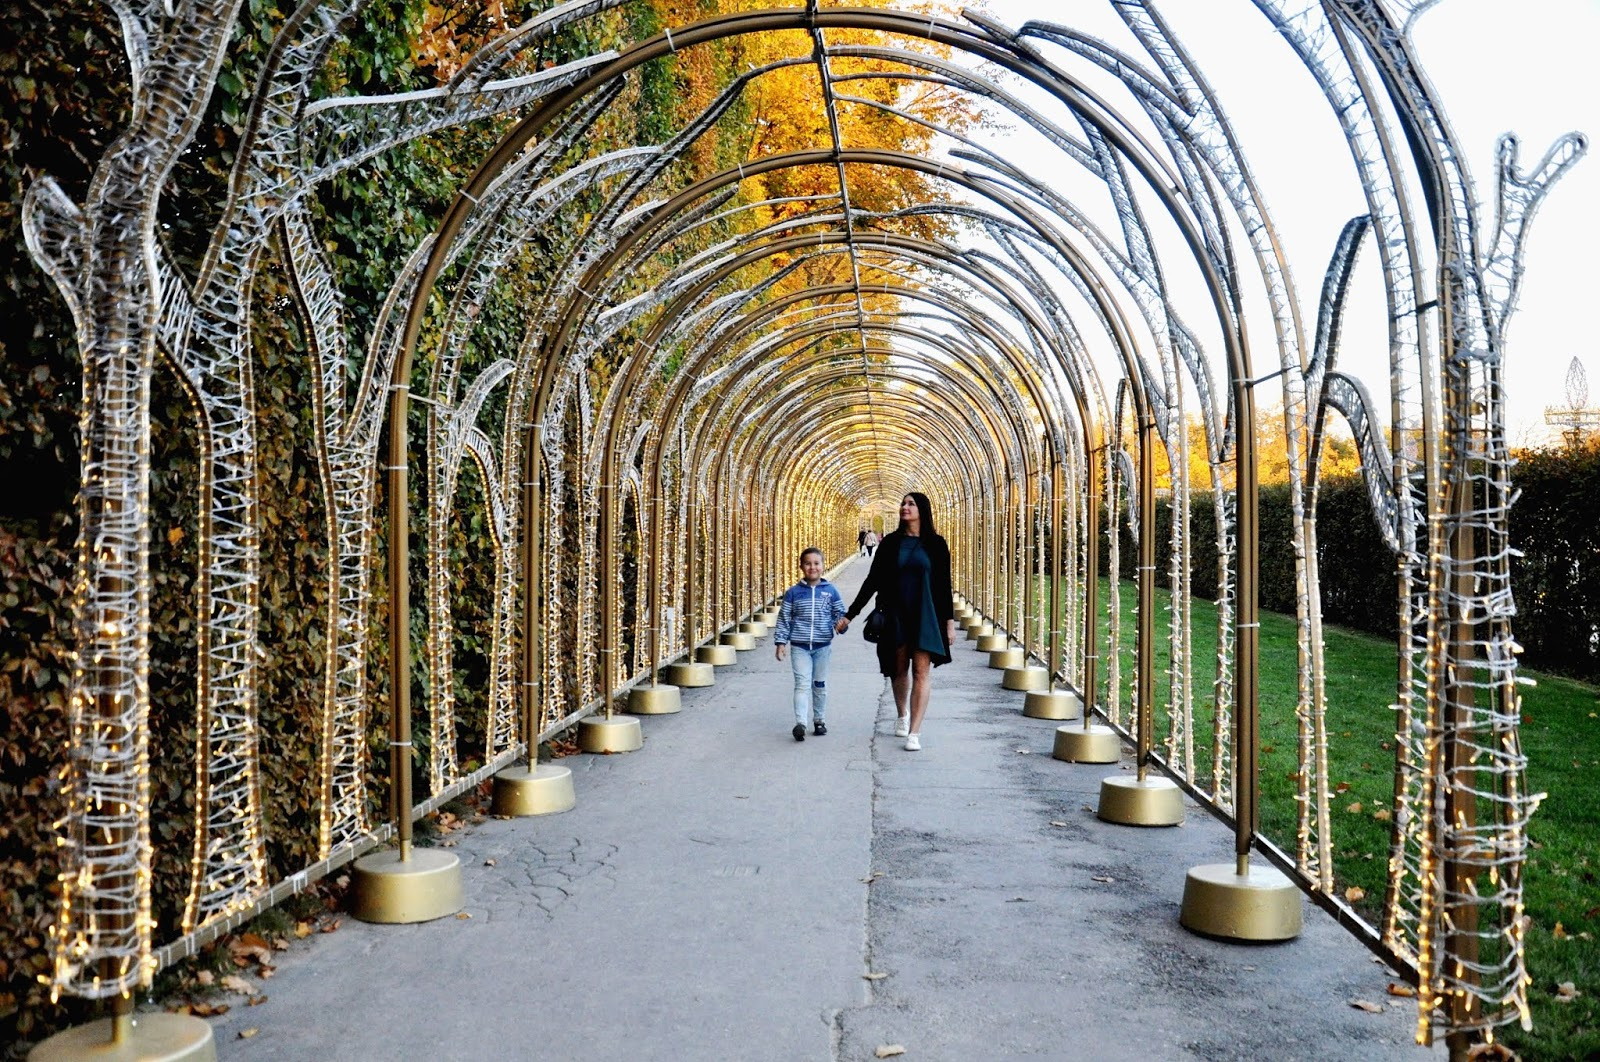 Królewski Ogród światła W Wilanowie Czy Warto Go Odwiedzić